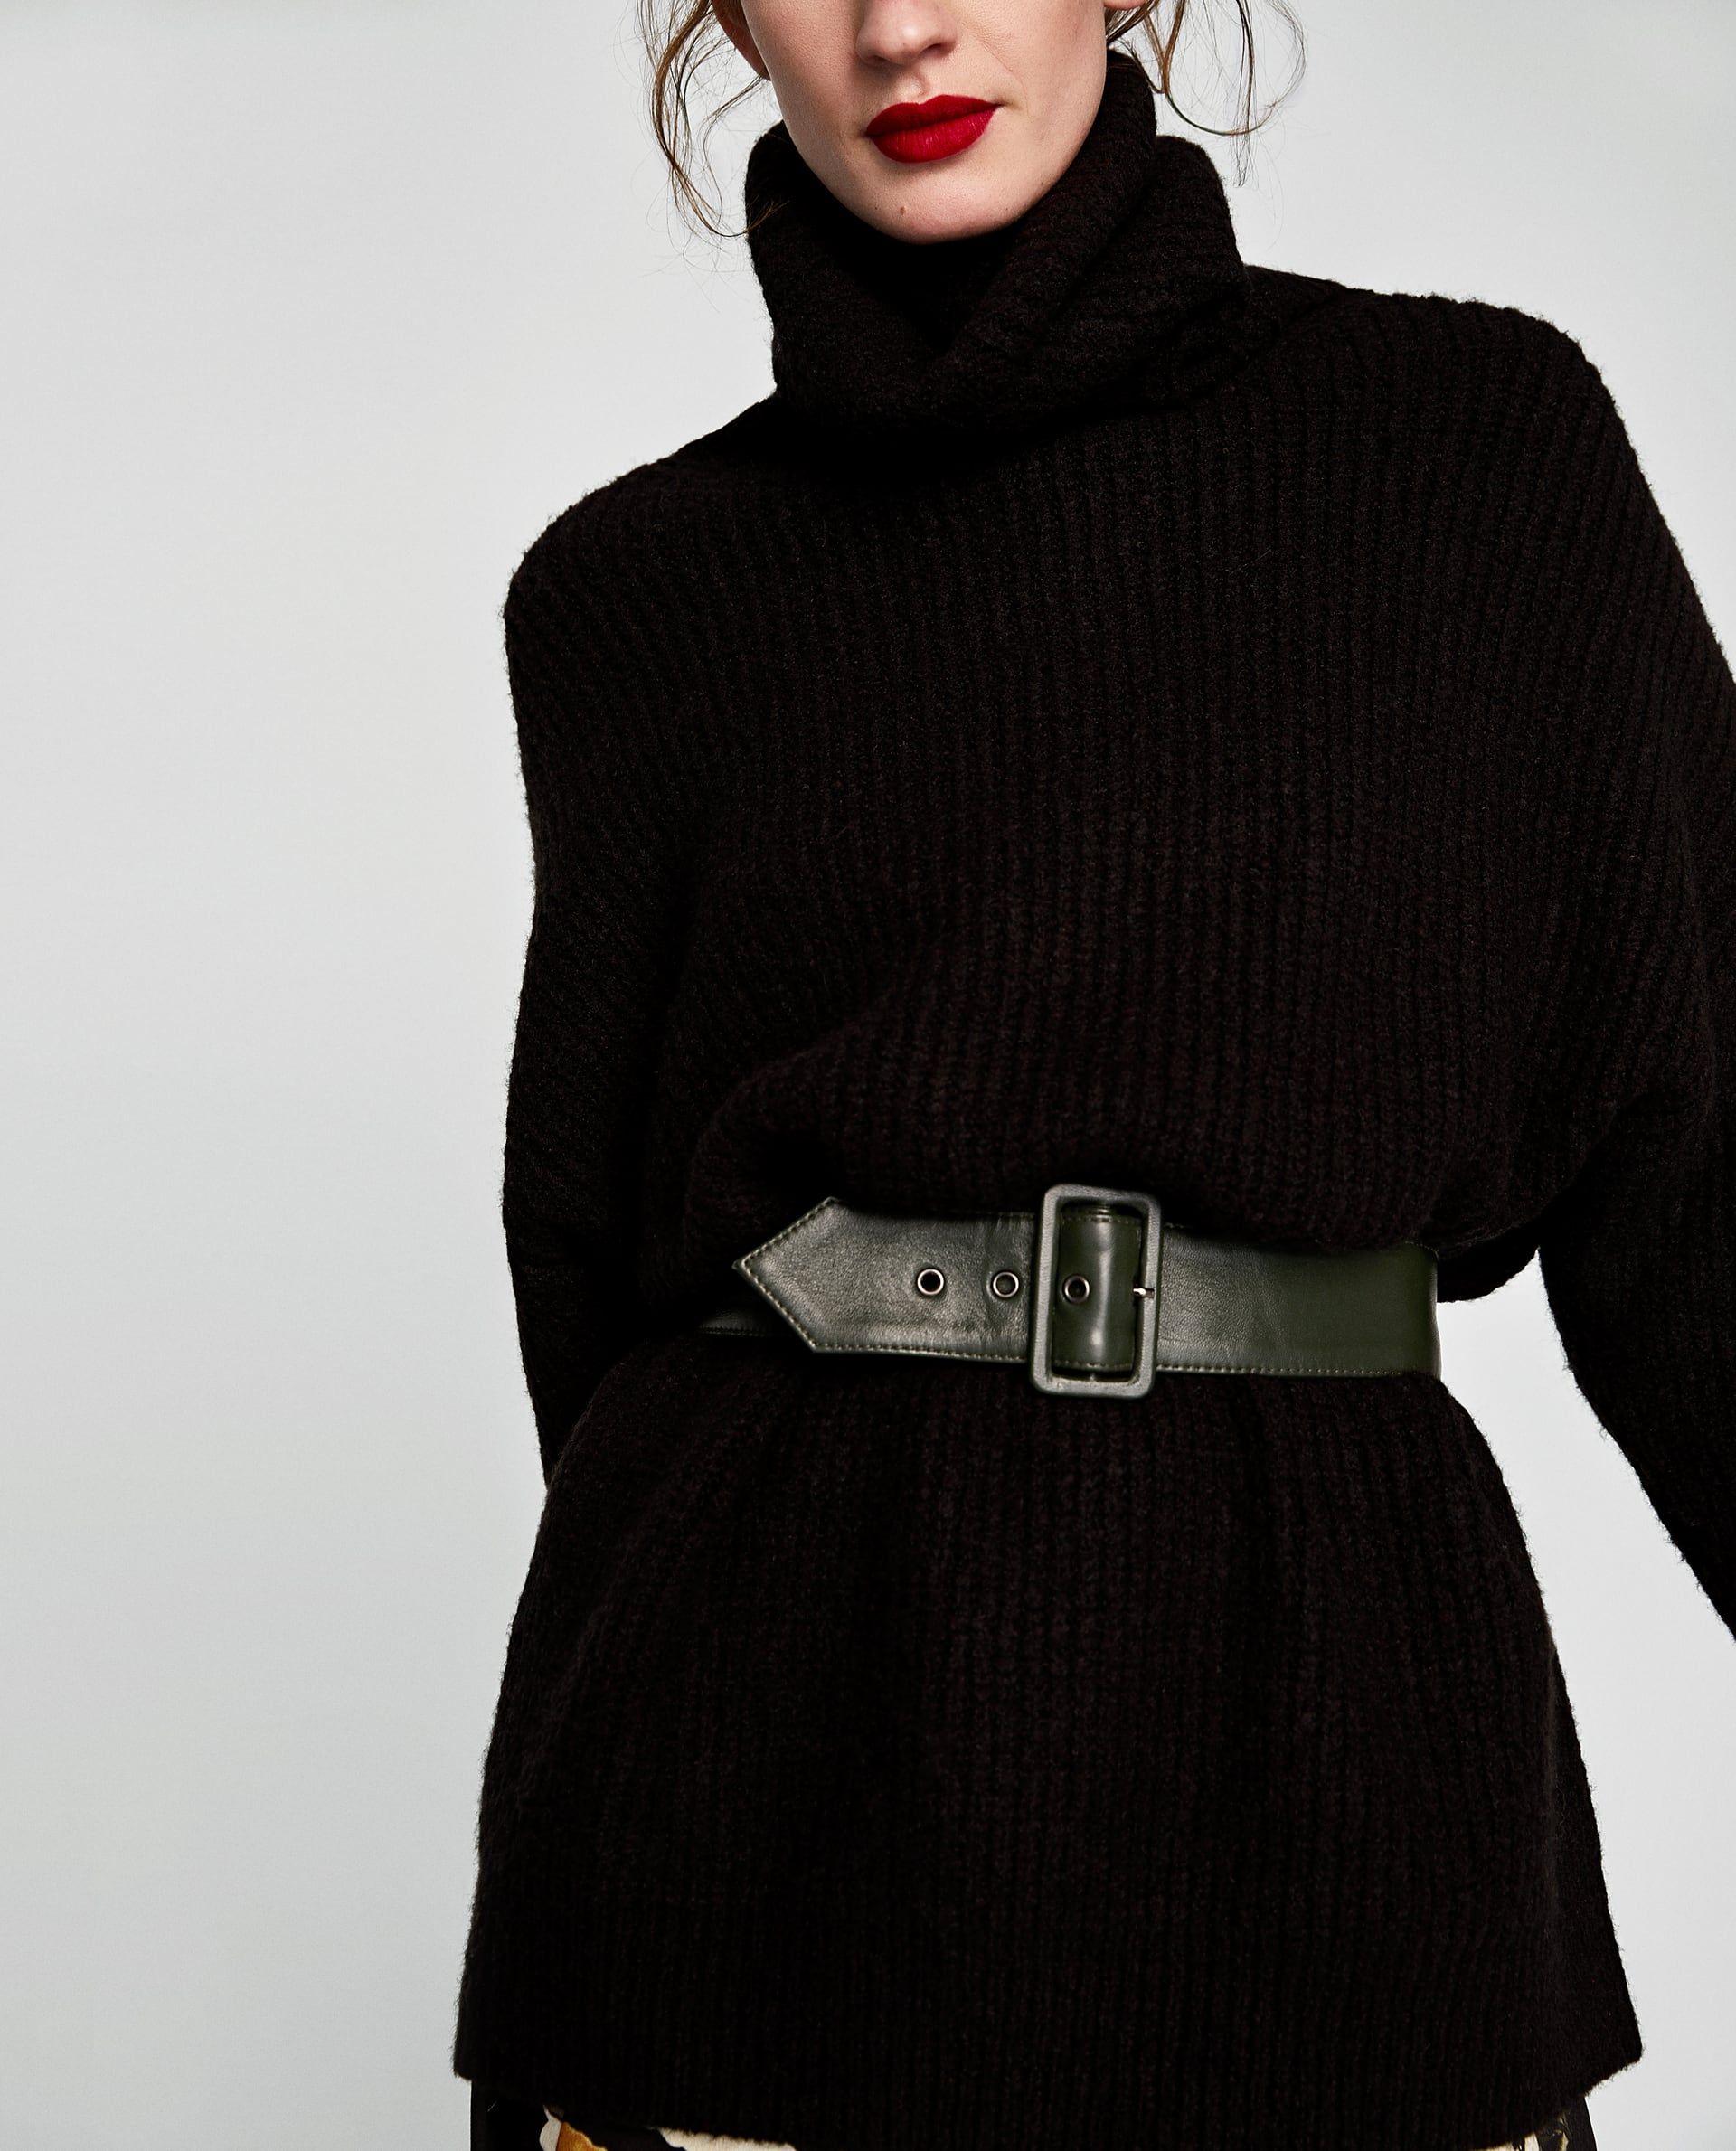 Größe 7 toller Rabatt für neues Design Zara Pullover Schwarz Damen